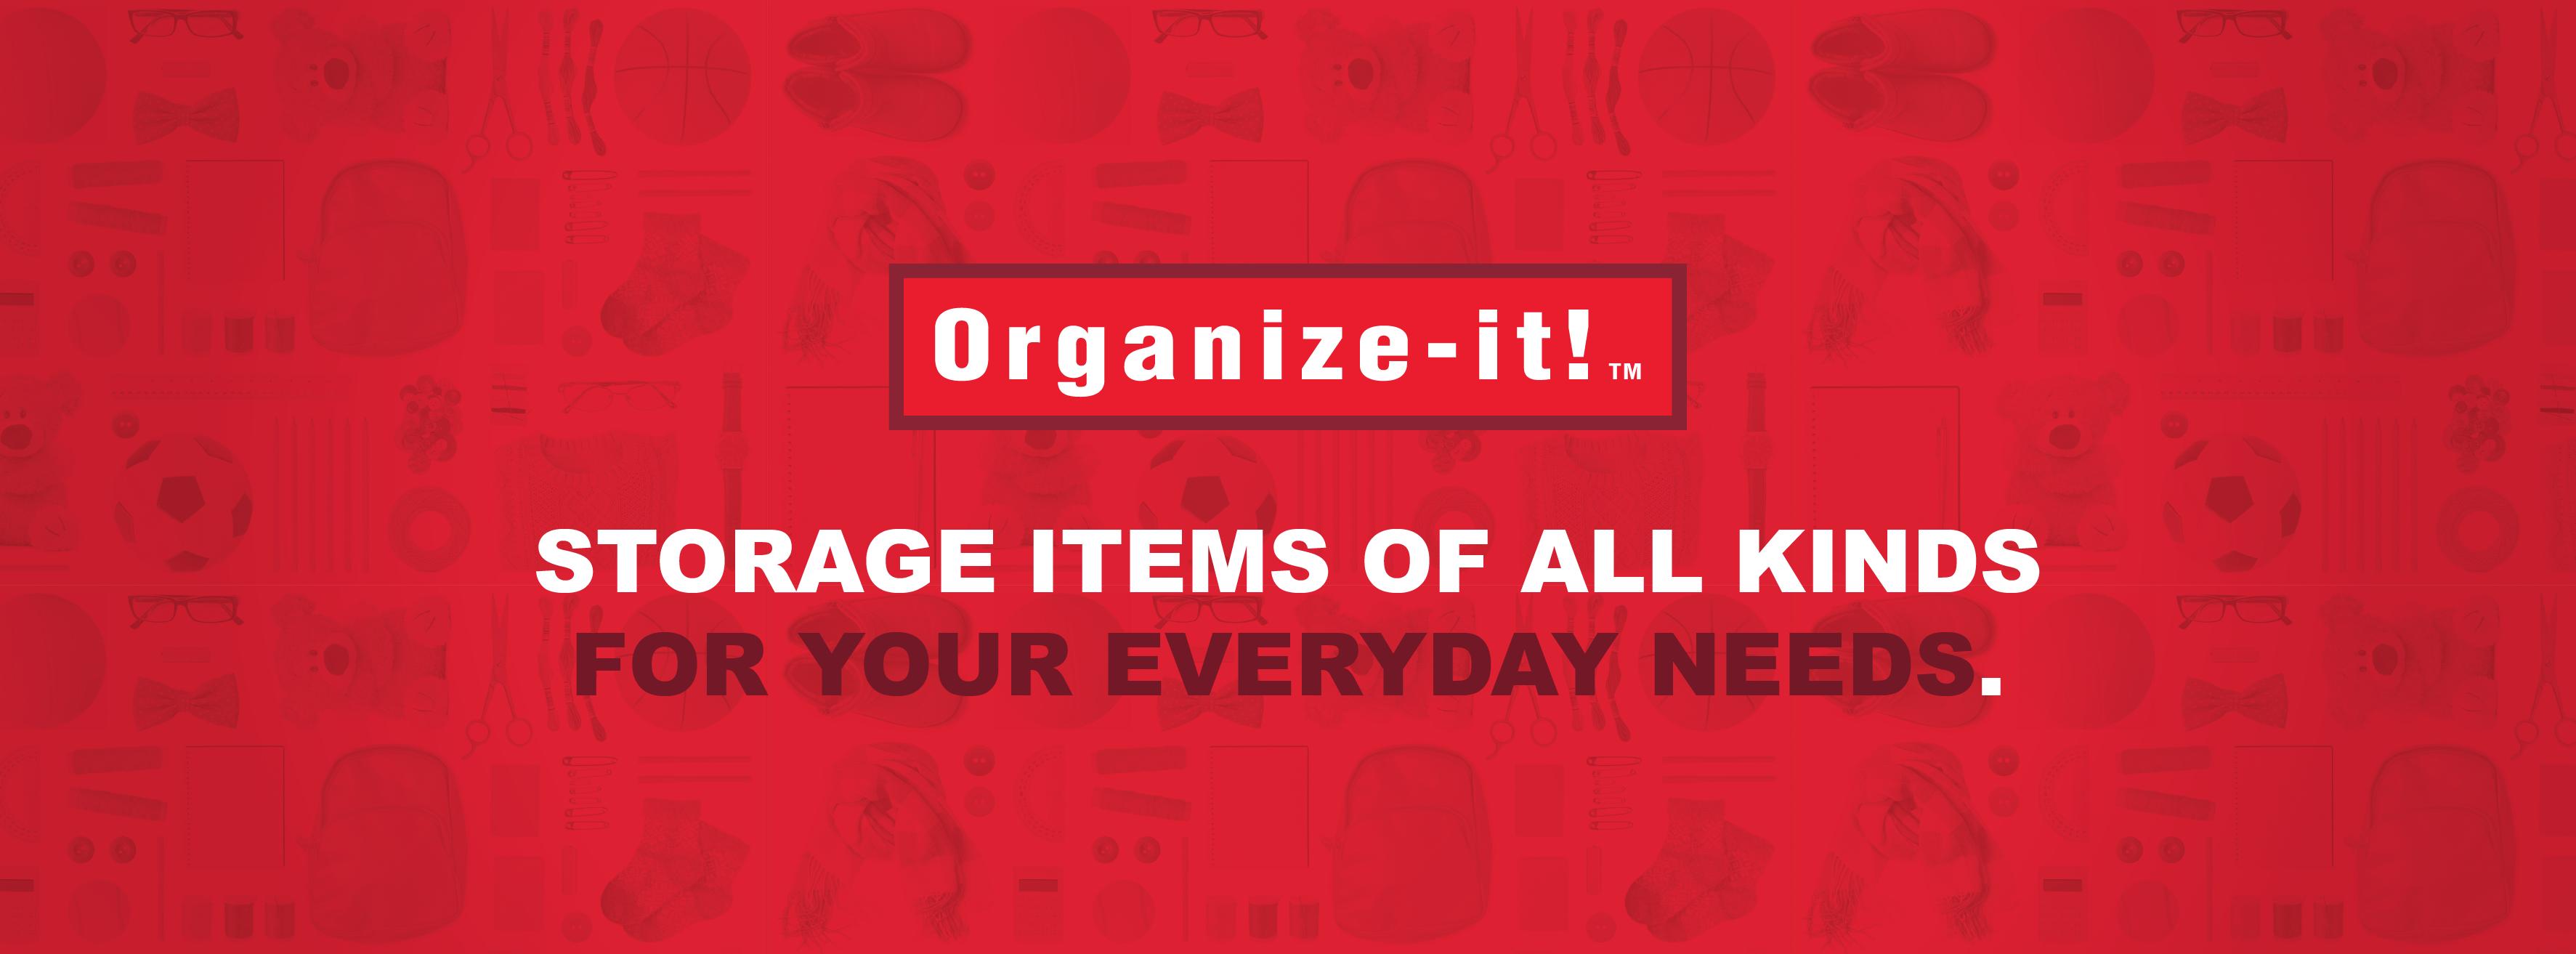 Organize-It™